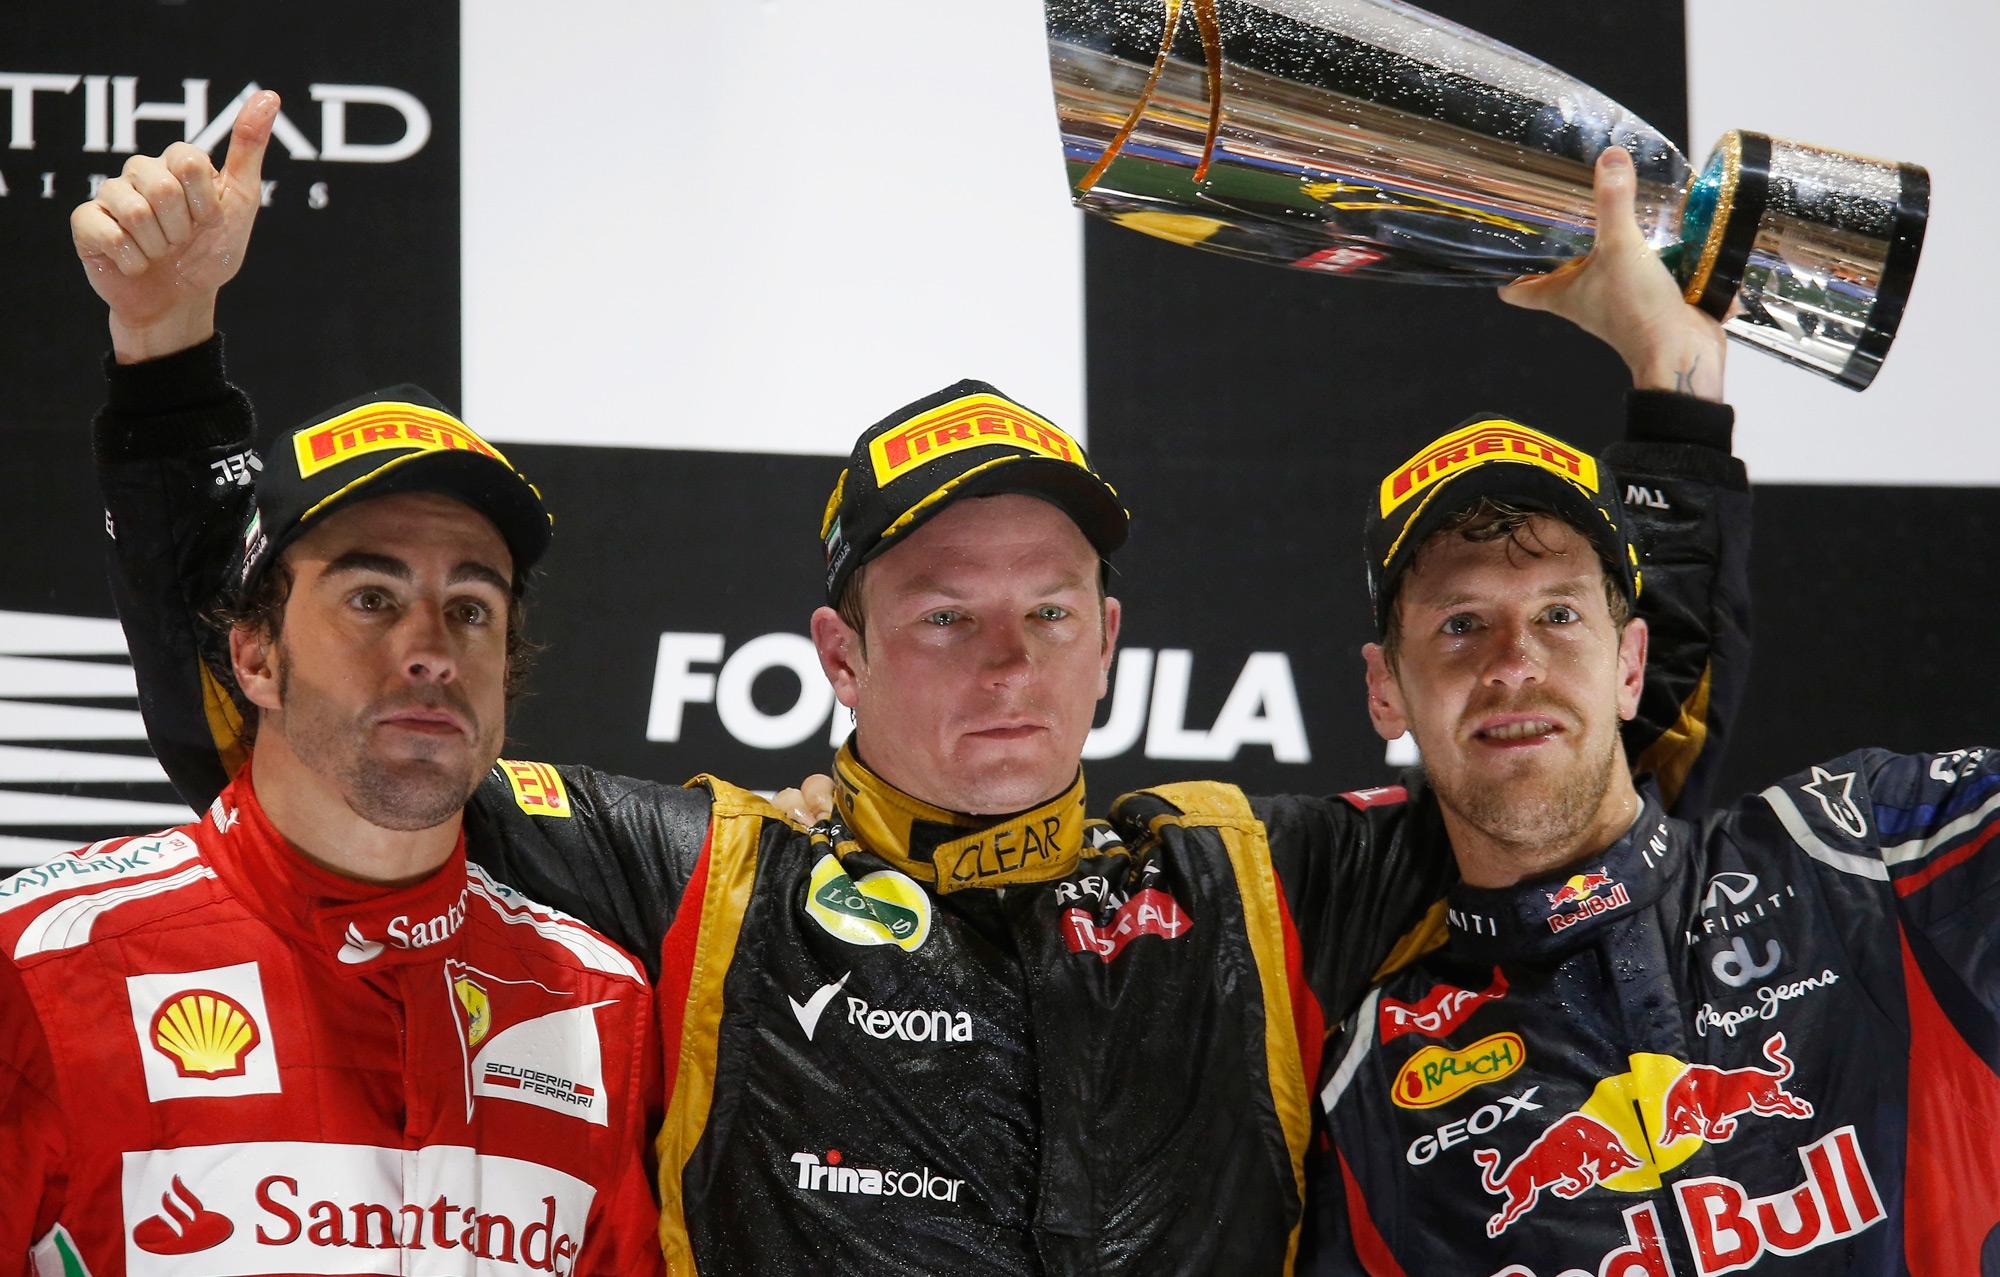 alonso raikkonen vettel abu dhabi f1 2012 podium